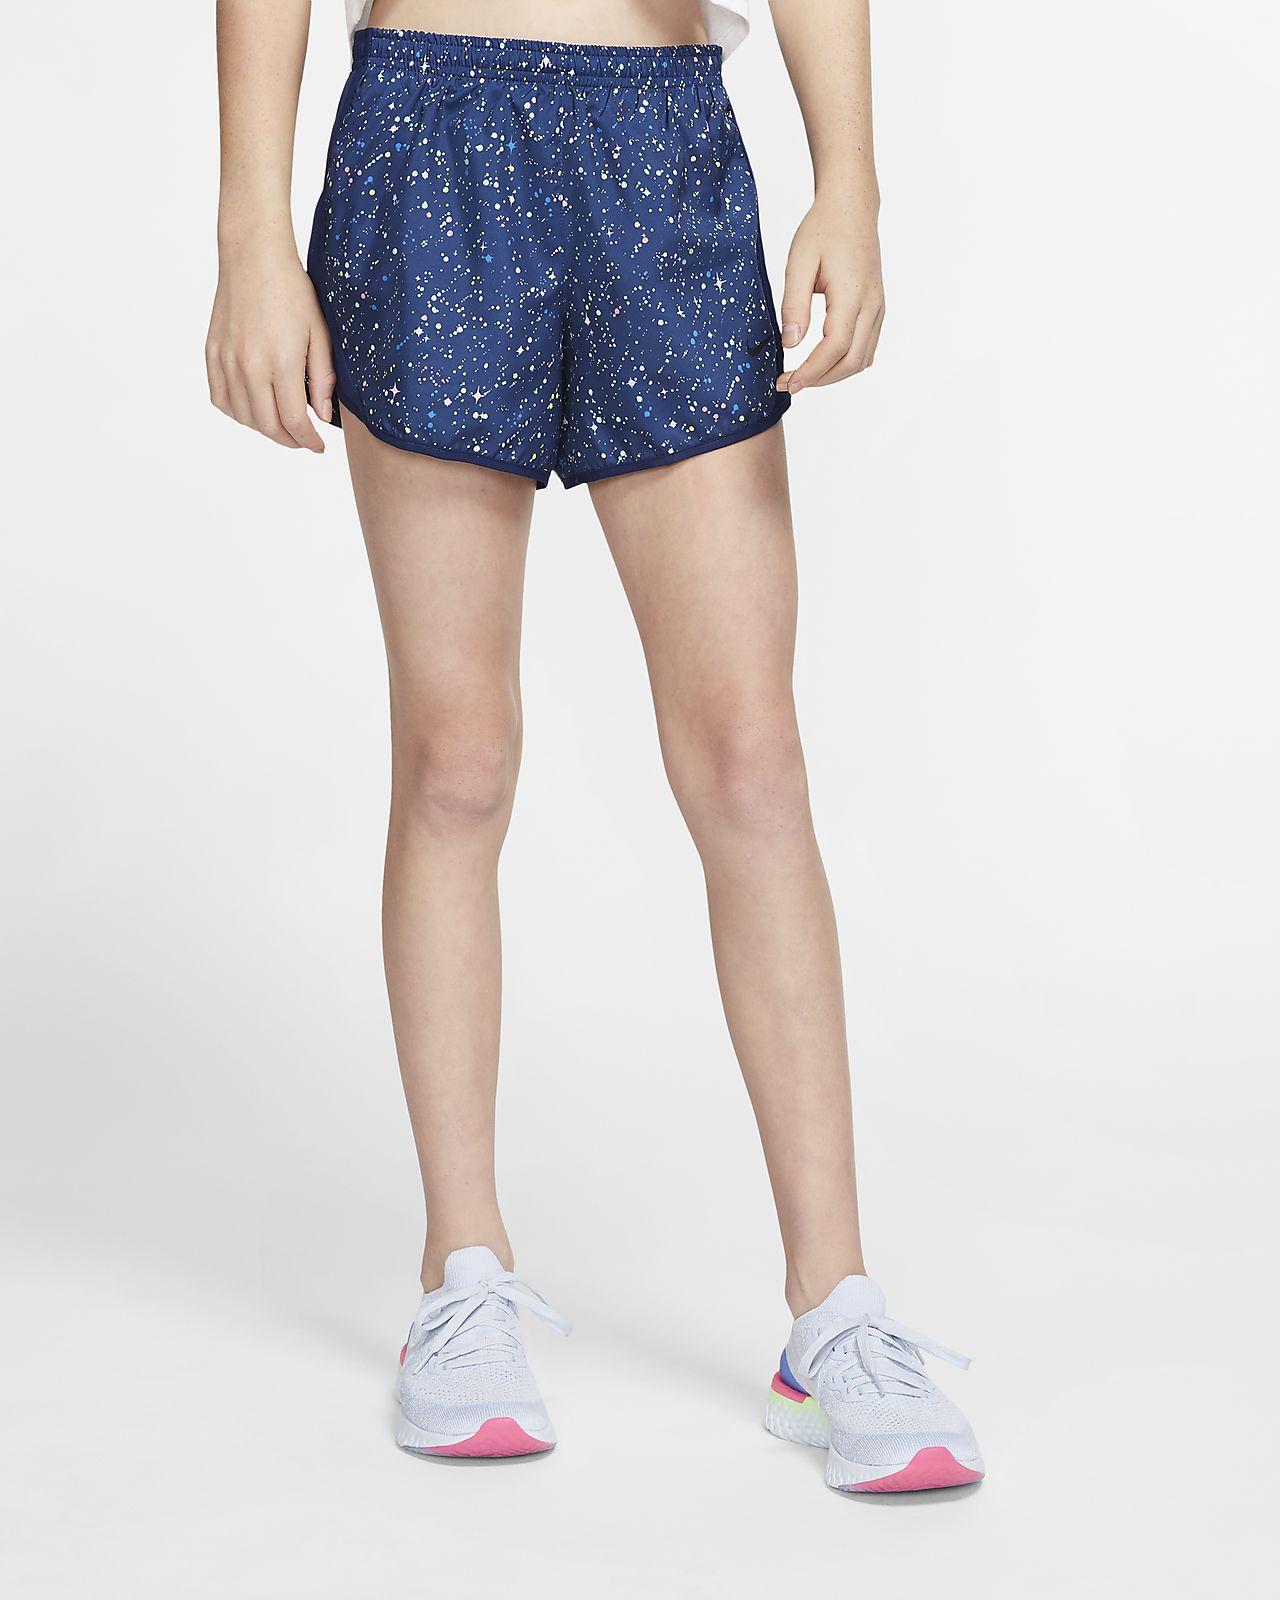 Nike Dri FIT Tempo Older Kids' (Girls') Printed Running Shorts